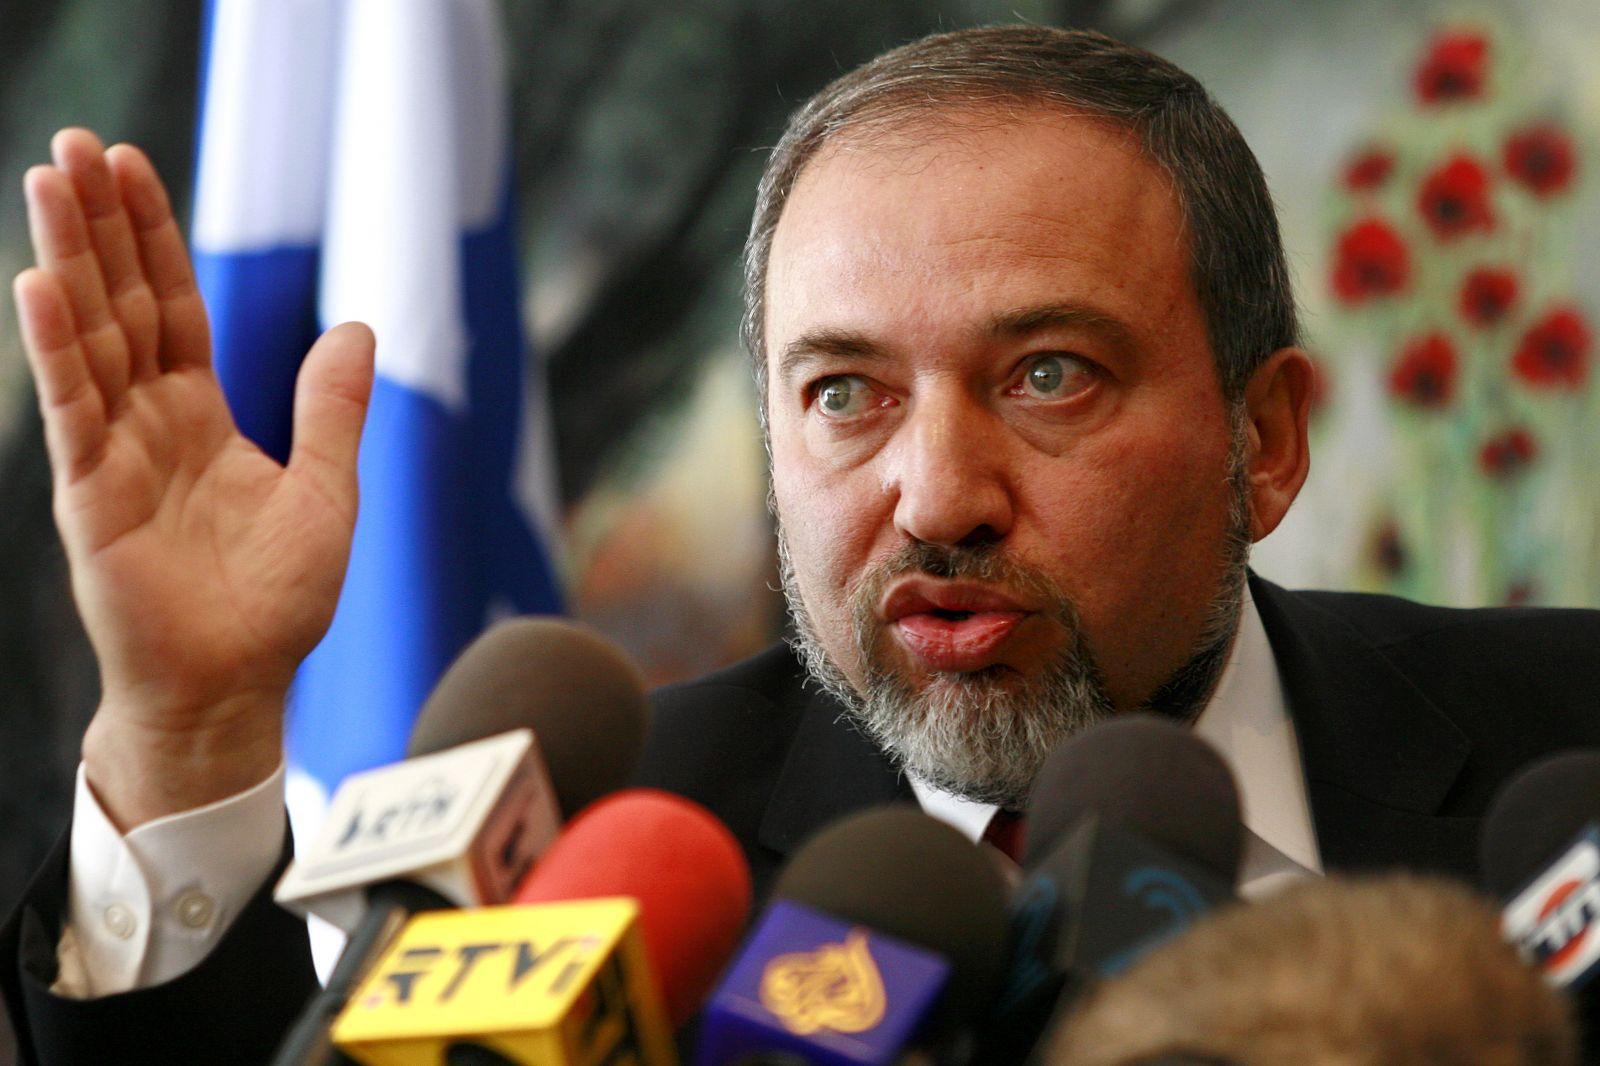 ليبرمان يرفض اعتذار عباس عن تصريحاته السابقة بخصوص اليهود